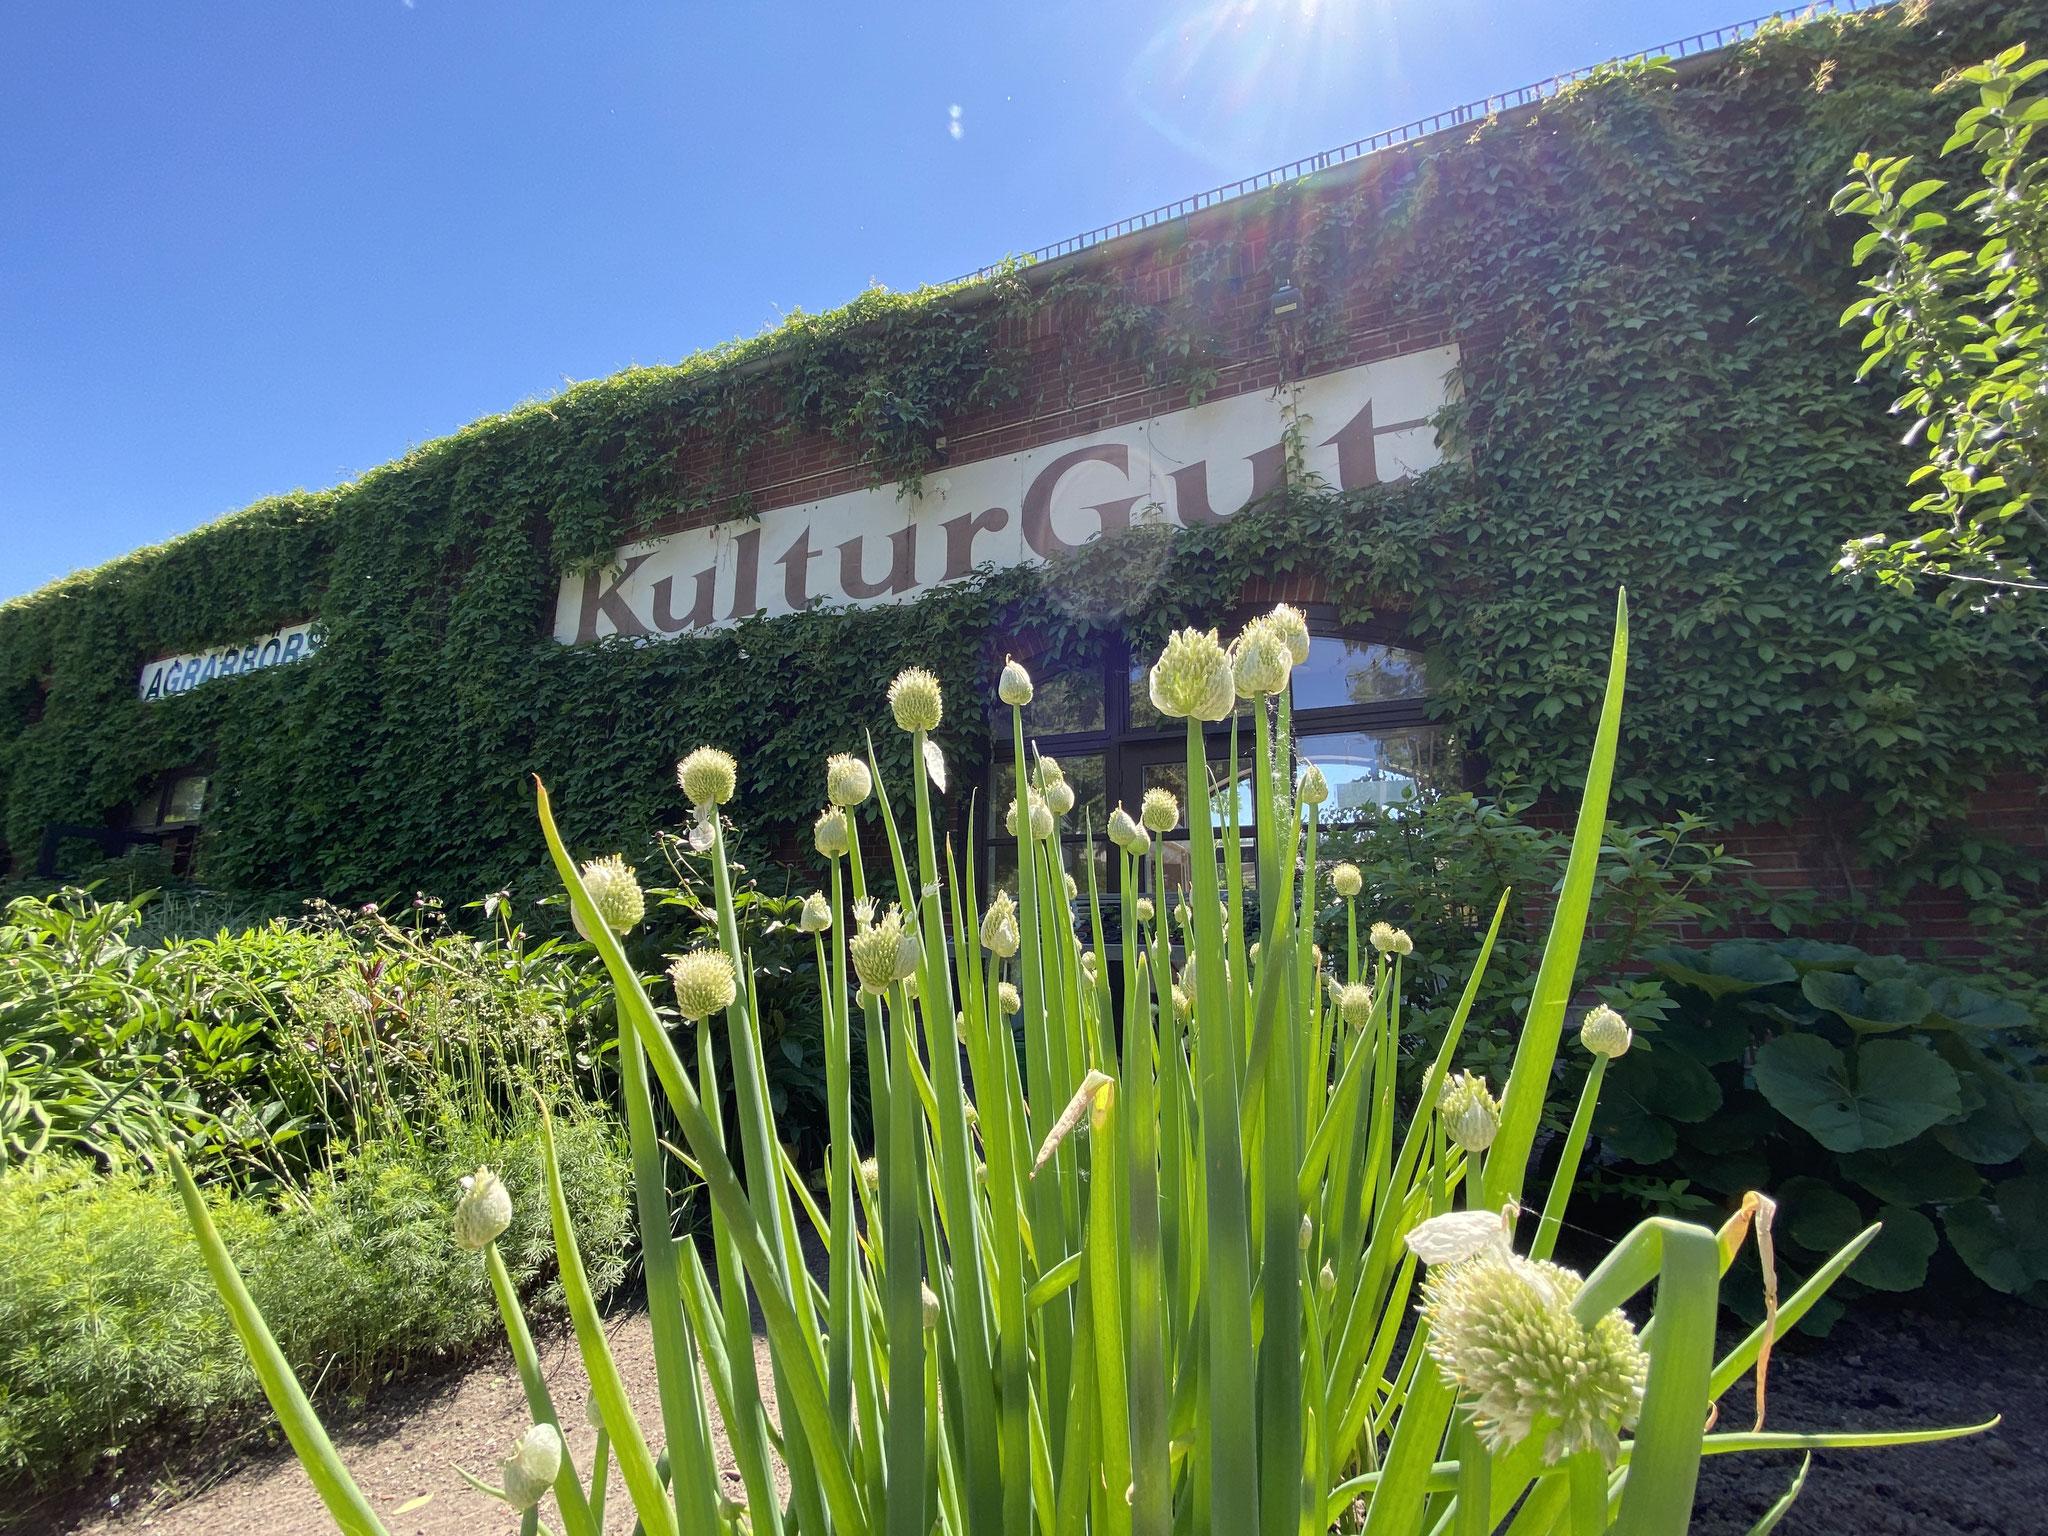 So, 13.06., 10.00-18.00 Uhr: KUNST: offen! 36 Werkstätten, Galerien und Ateliers in Marzahn-Hellersdorf öffnen ihre Türen.